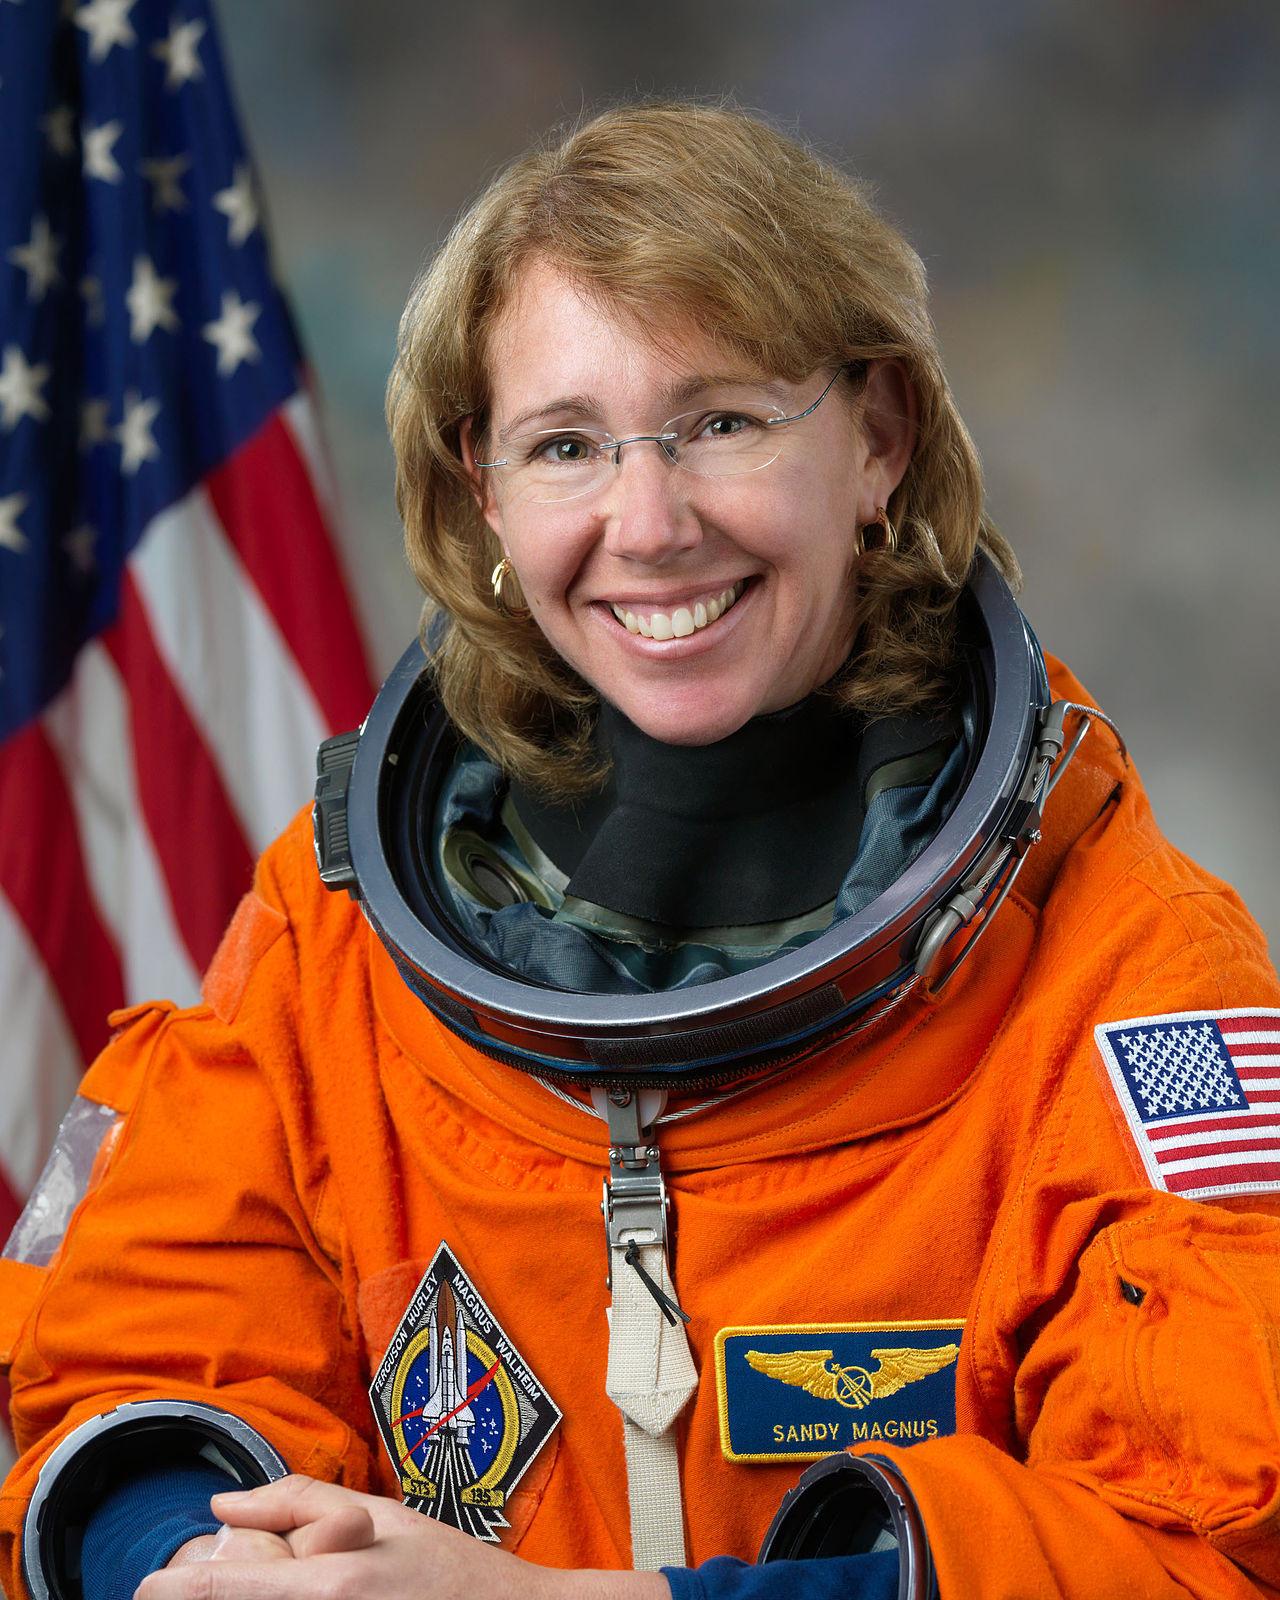 Astronaut Sandra Magnus in spacesuit - public domain photo